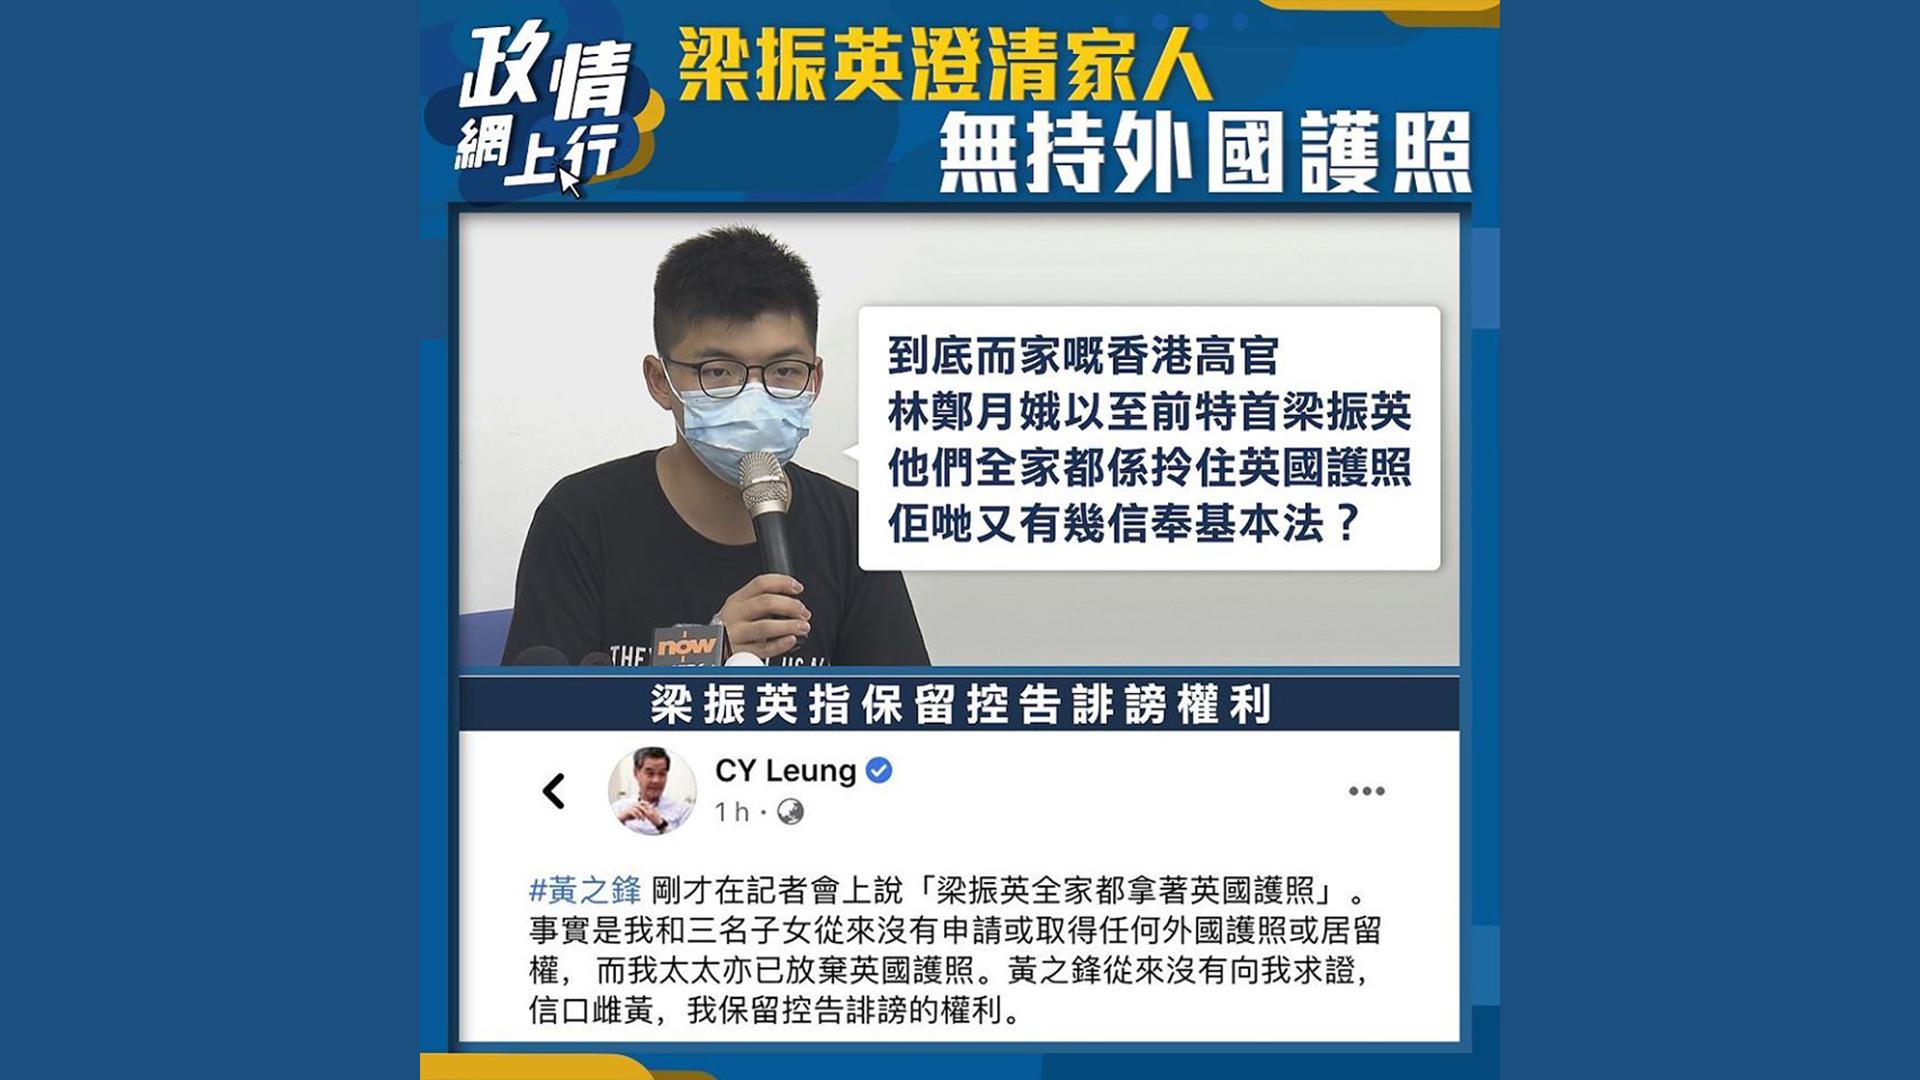 【政情網上行】梁振英澄清家人 無持外國護照